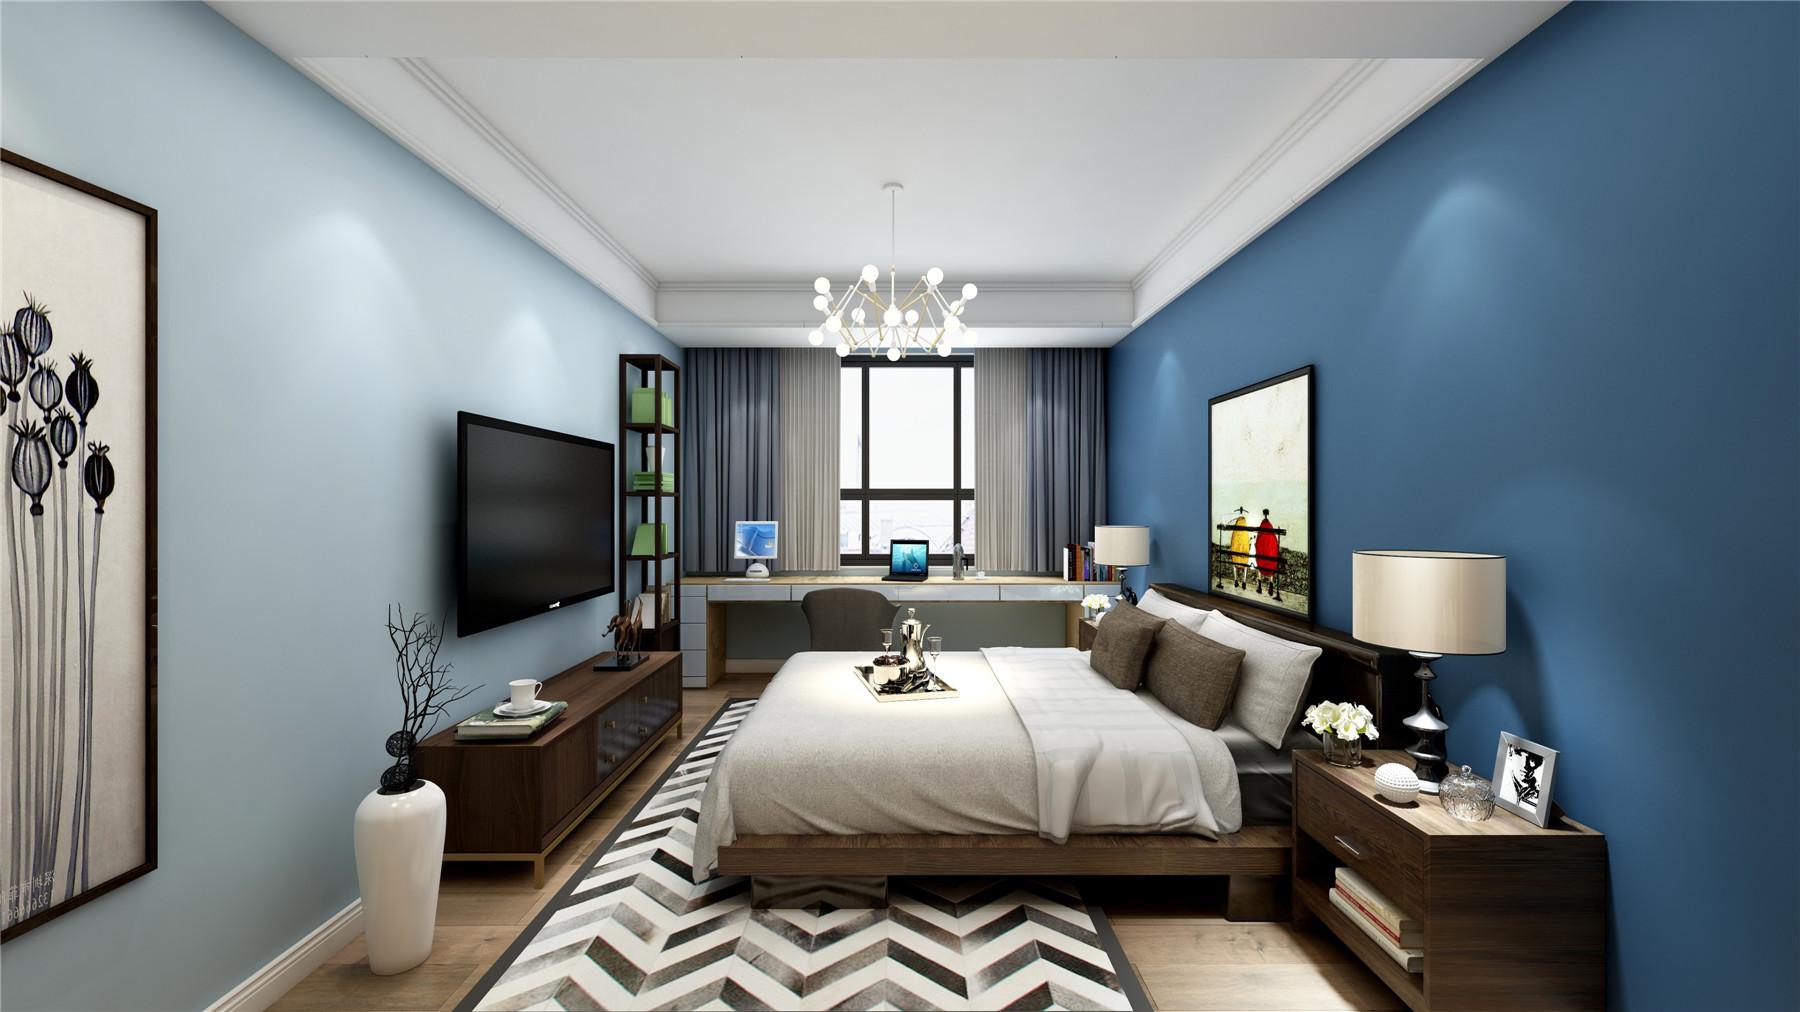 龙湖滟澜山 别墅装修 现代风格 腾龙设计 卧室图片来自孔继民在龙湖滟澜山别墅现代风格设计的分享